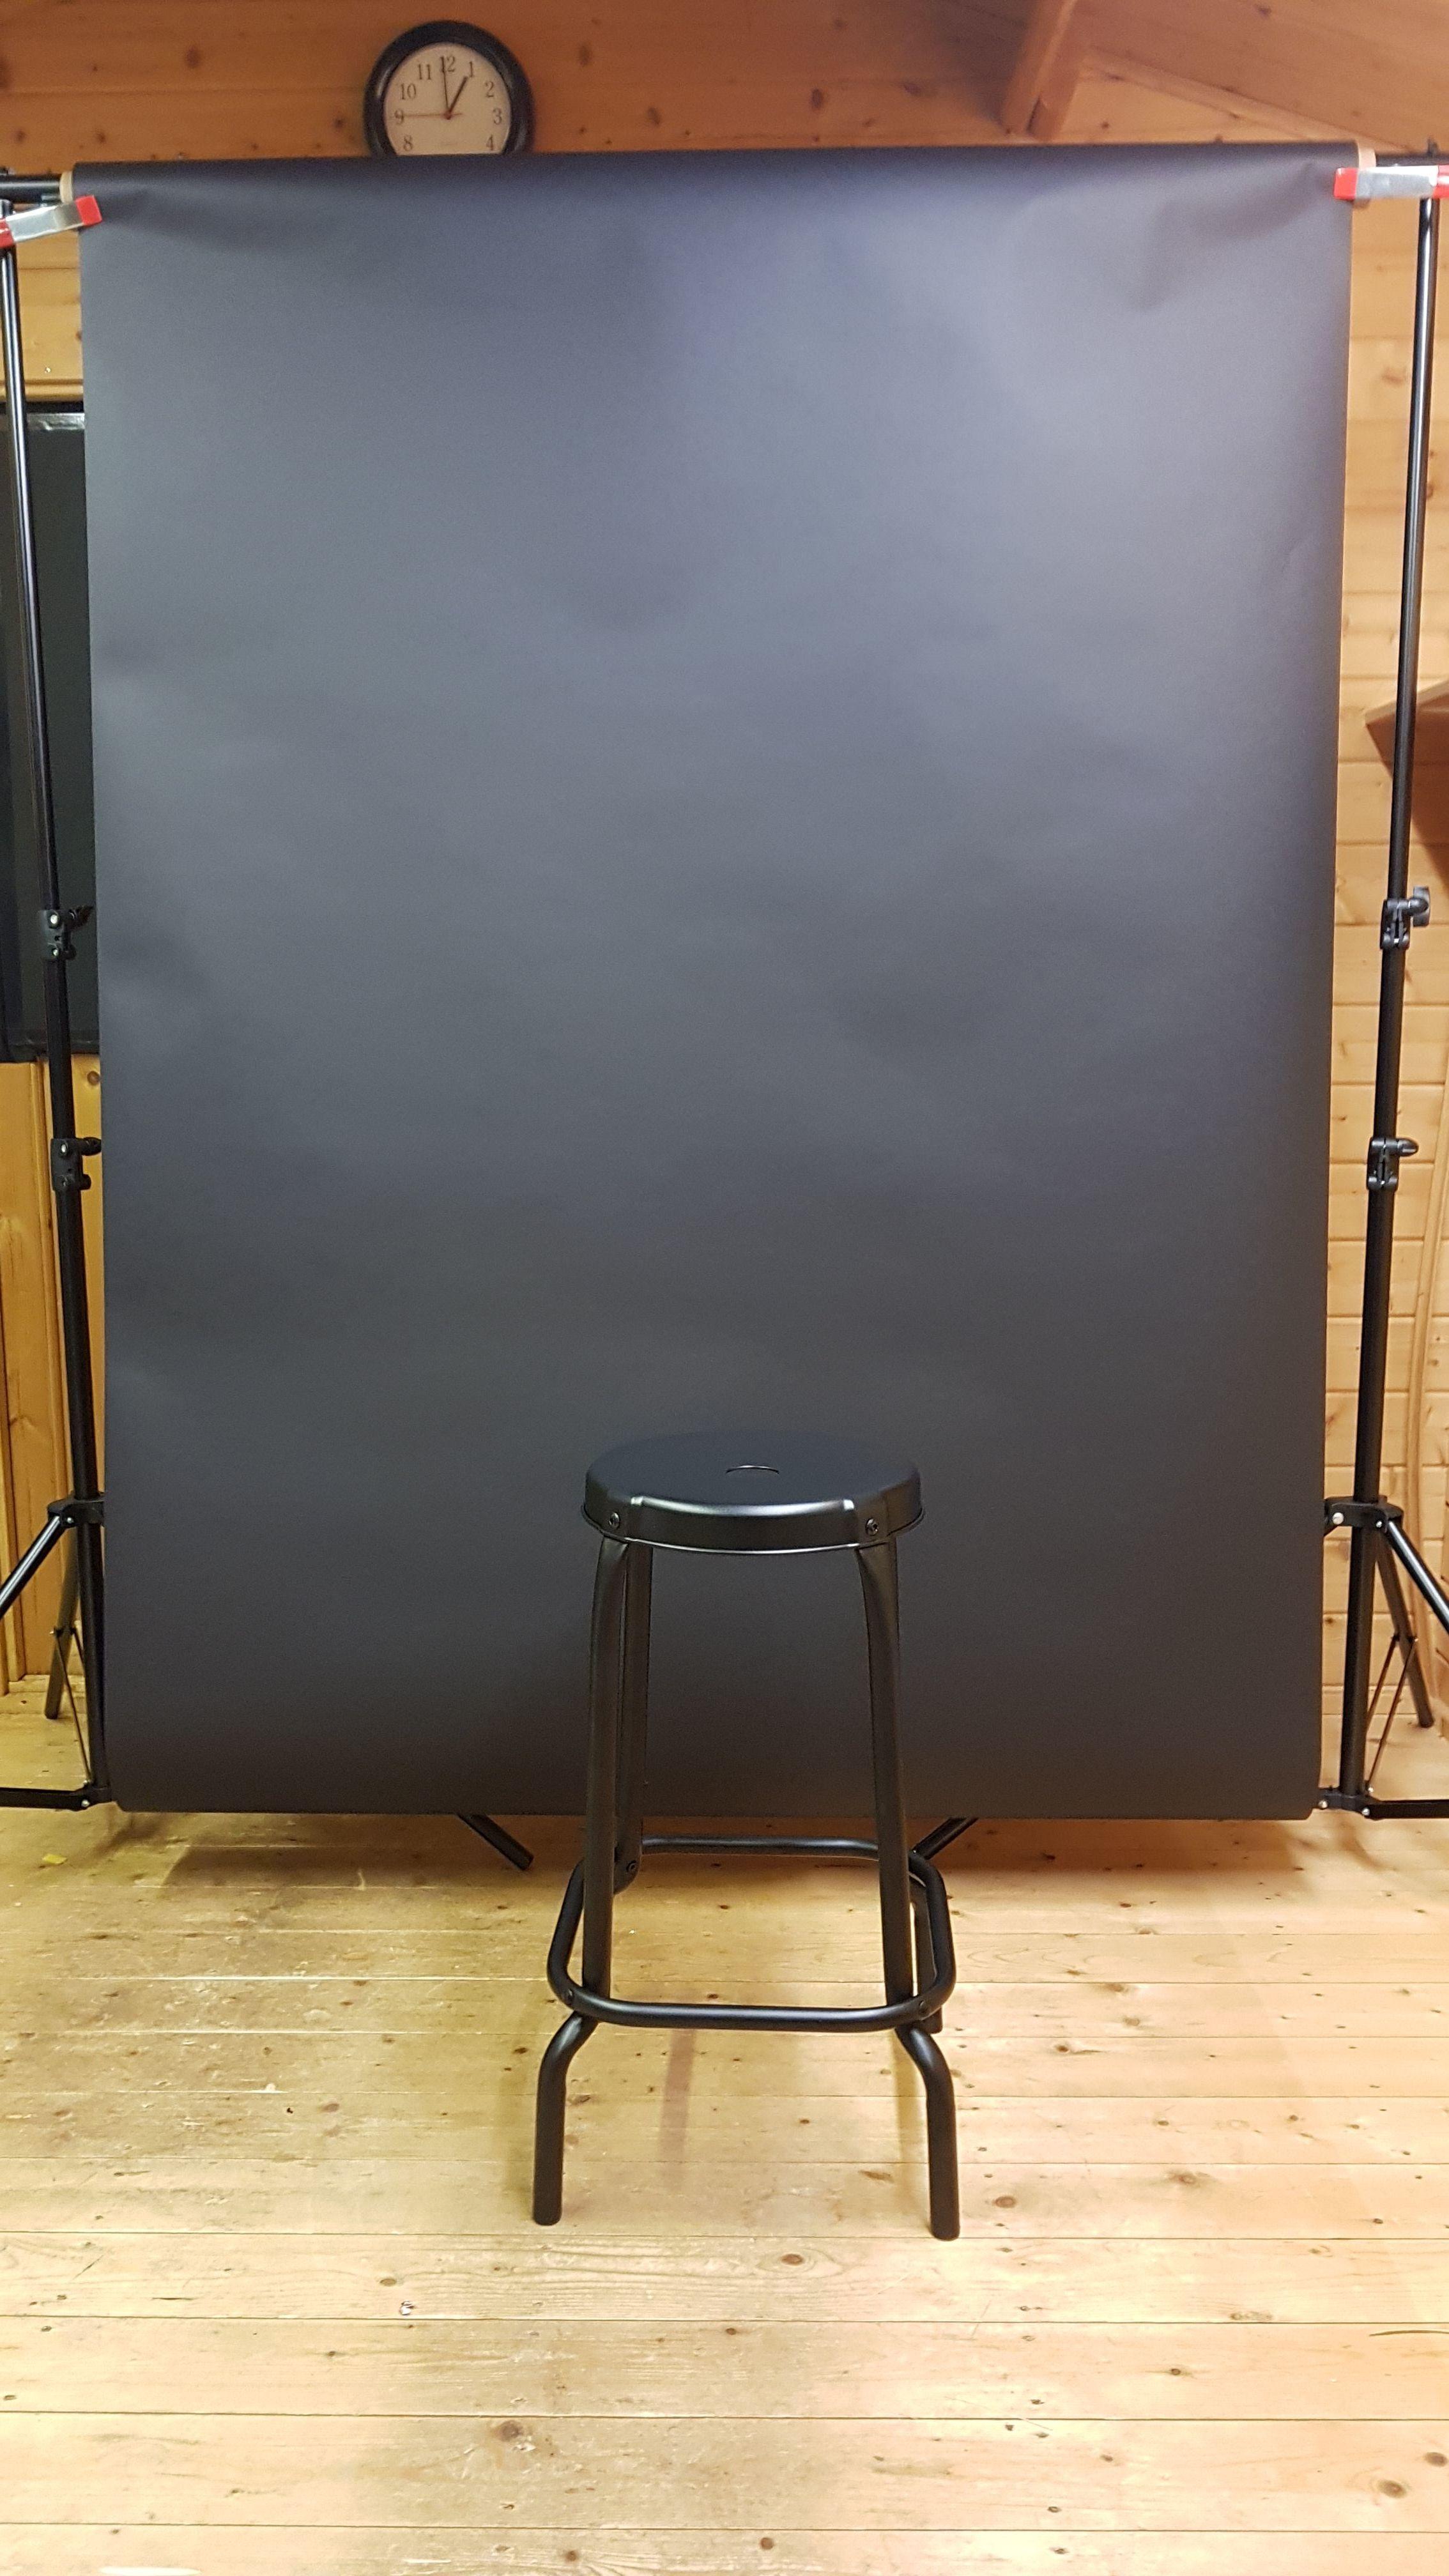 Matt-BTS-Setup-1.jpeg